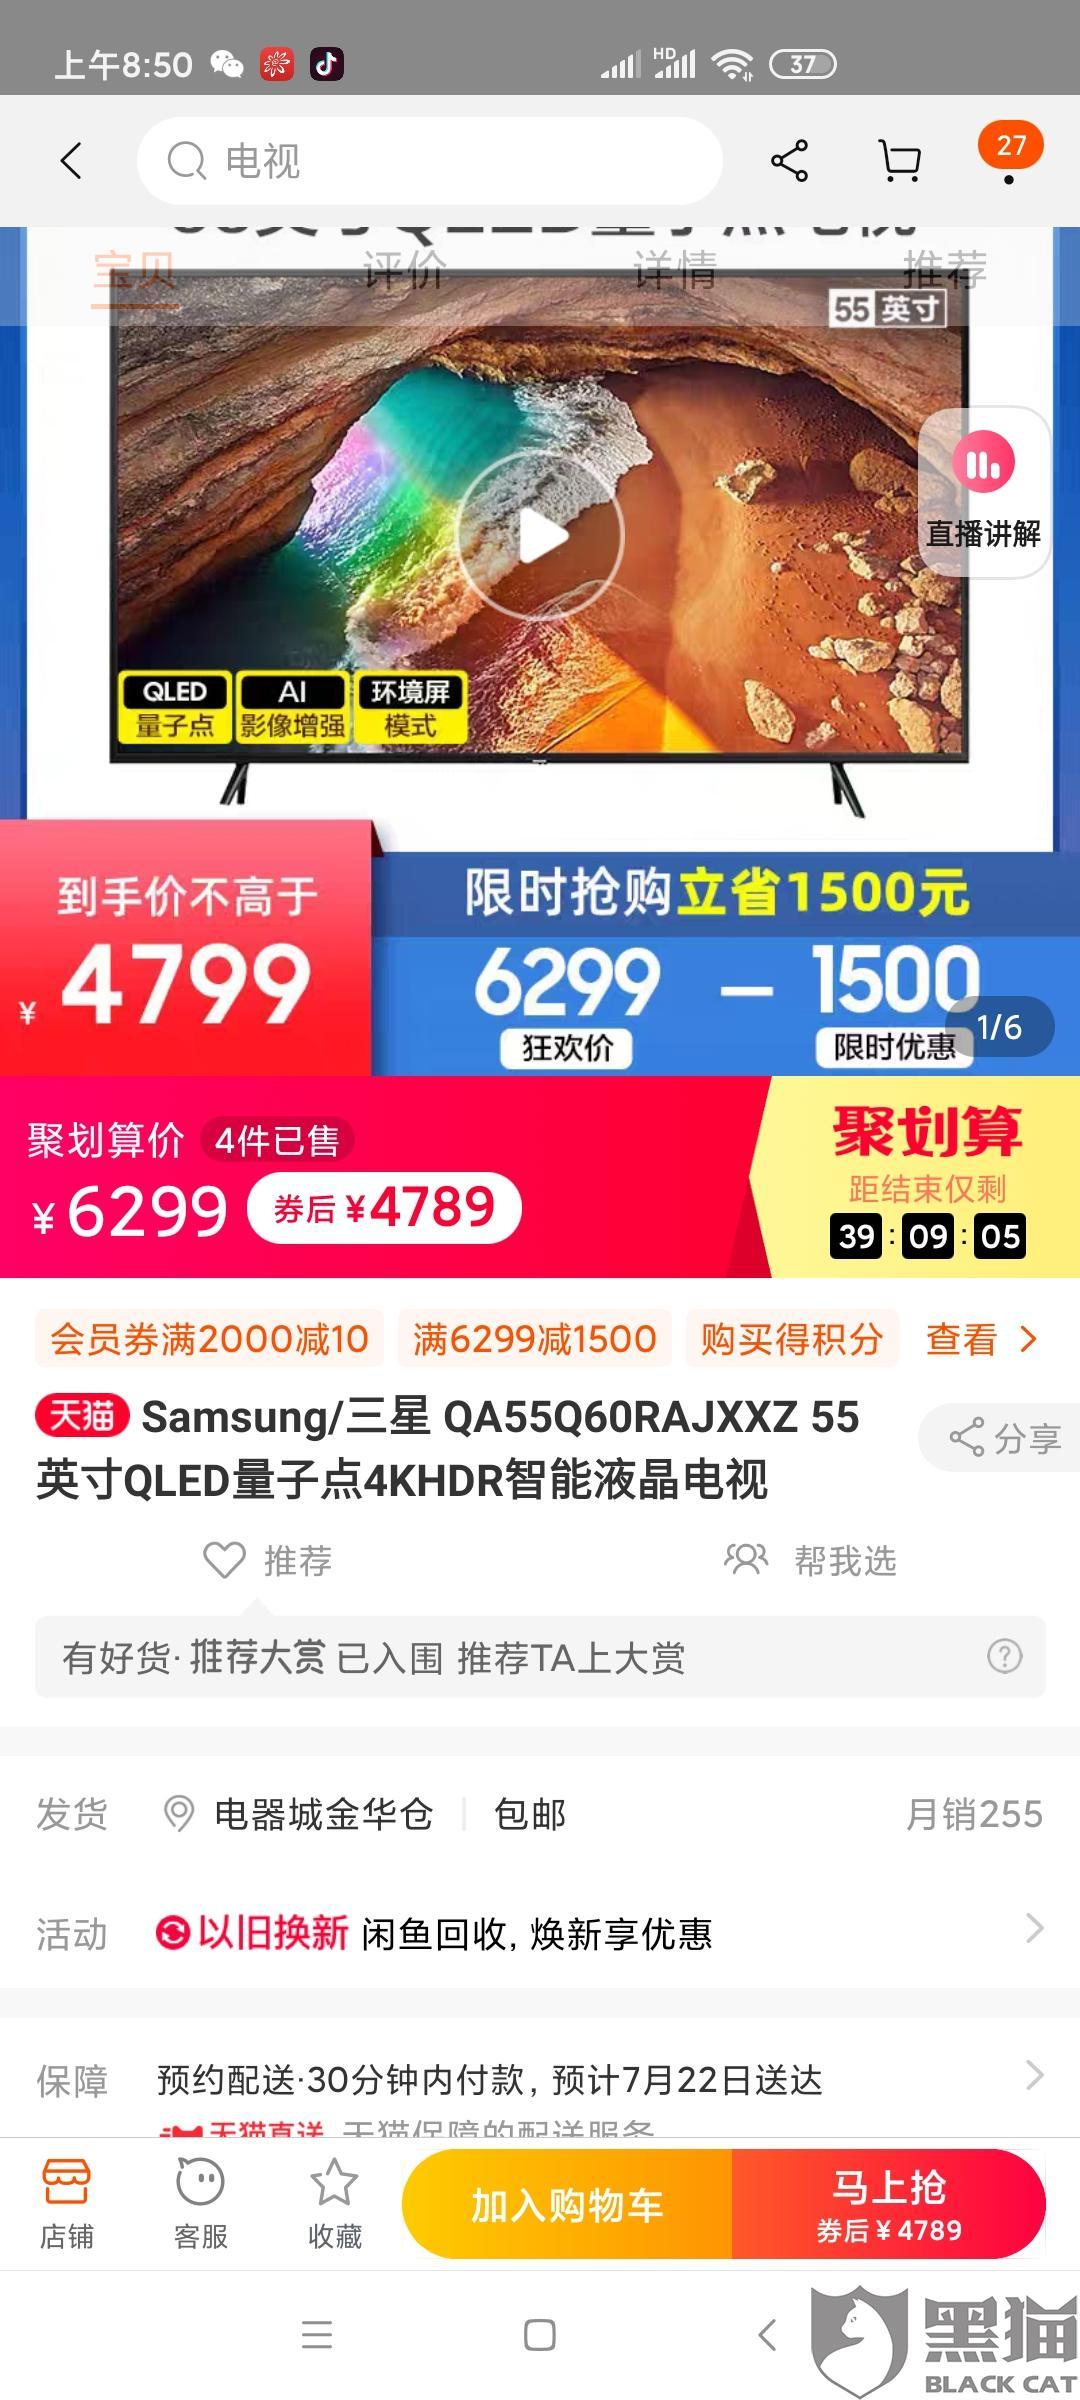 黑猫投诉:苏宁快递掉包商品苏宁快递联合天猫三星家电旗舰店欺诈客户